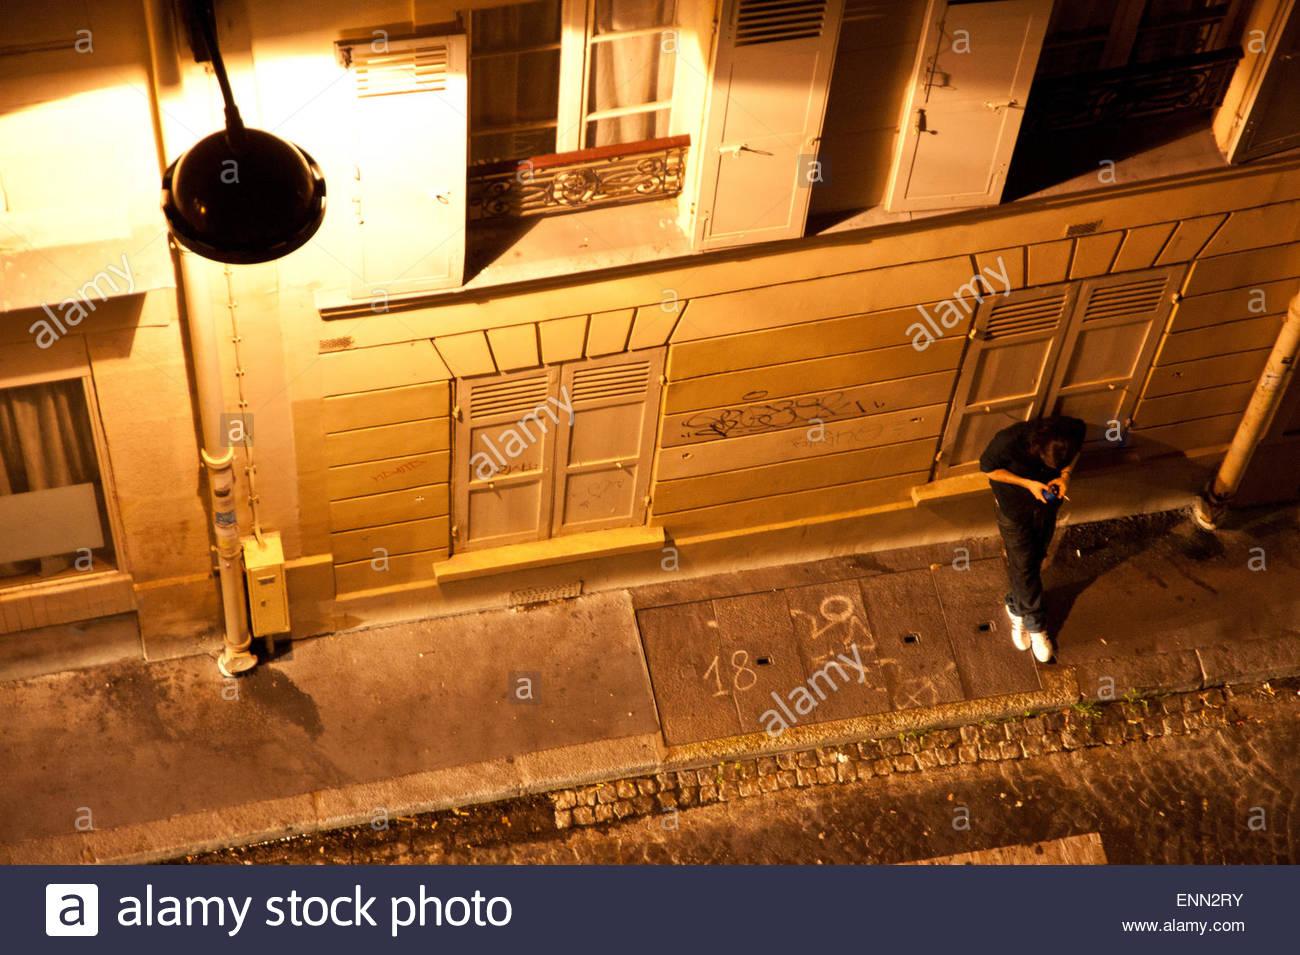 Paris, Nacht am Montmartre - Stock Image